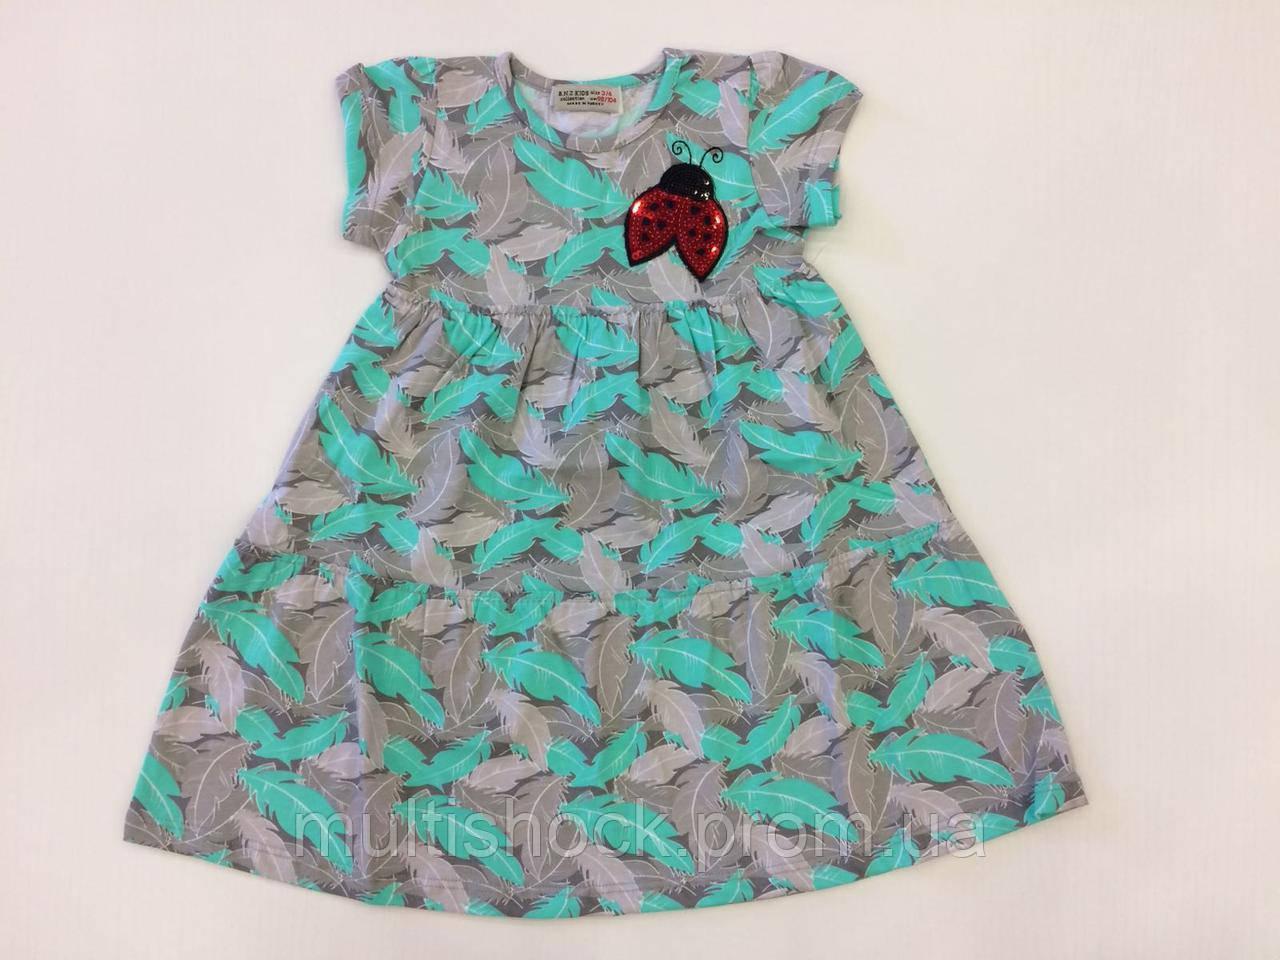 c6a349ee6ba Платье детское